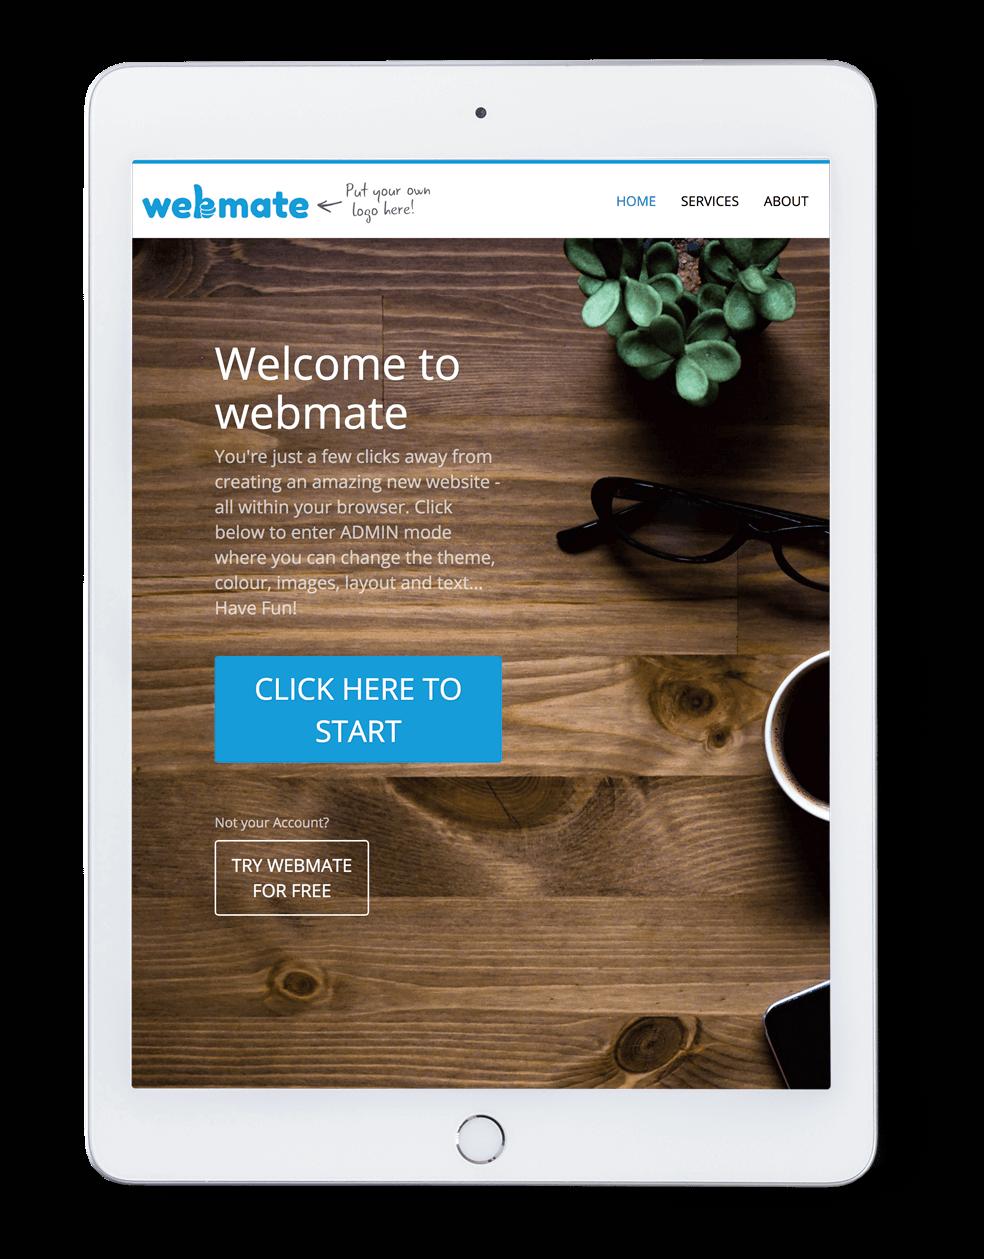 website-4 Home